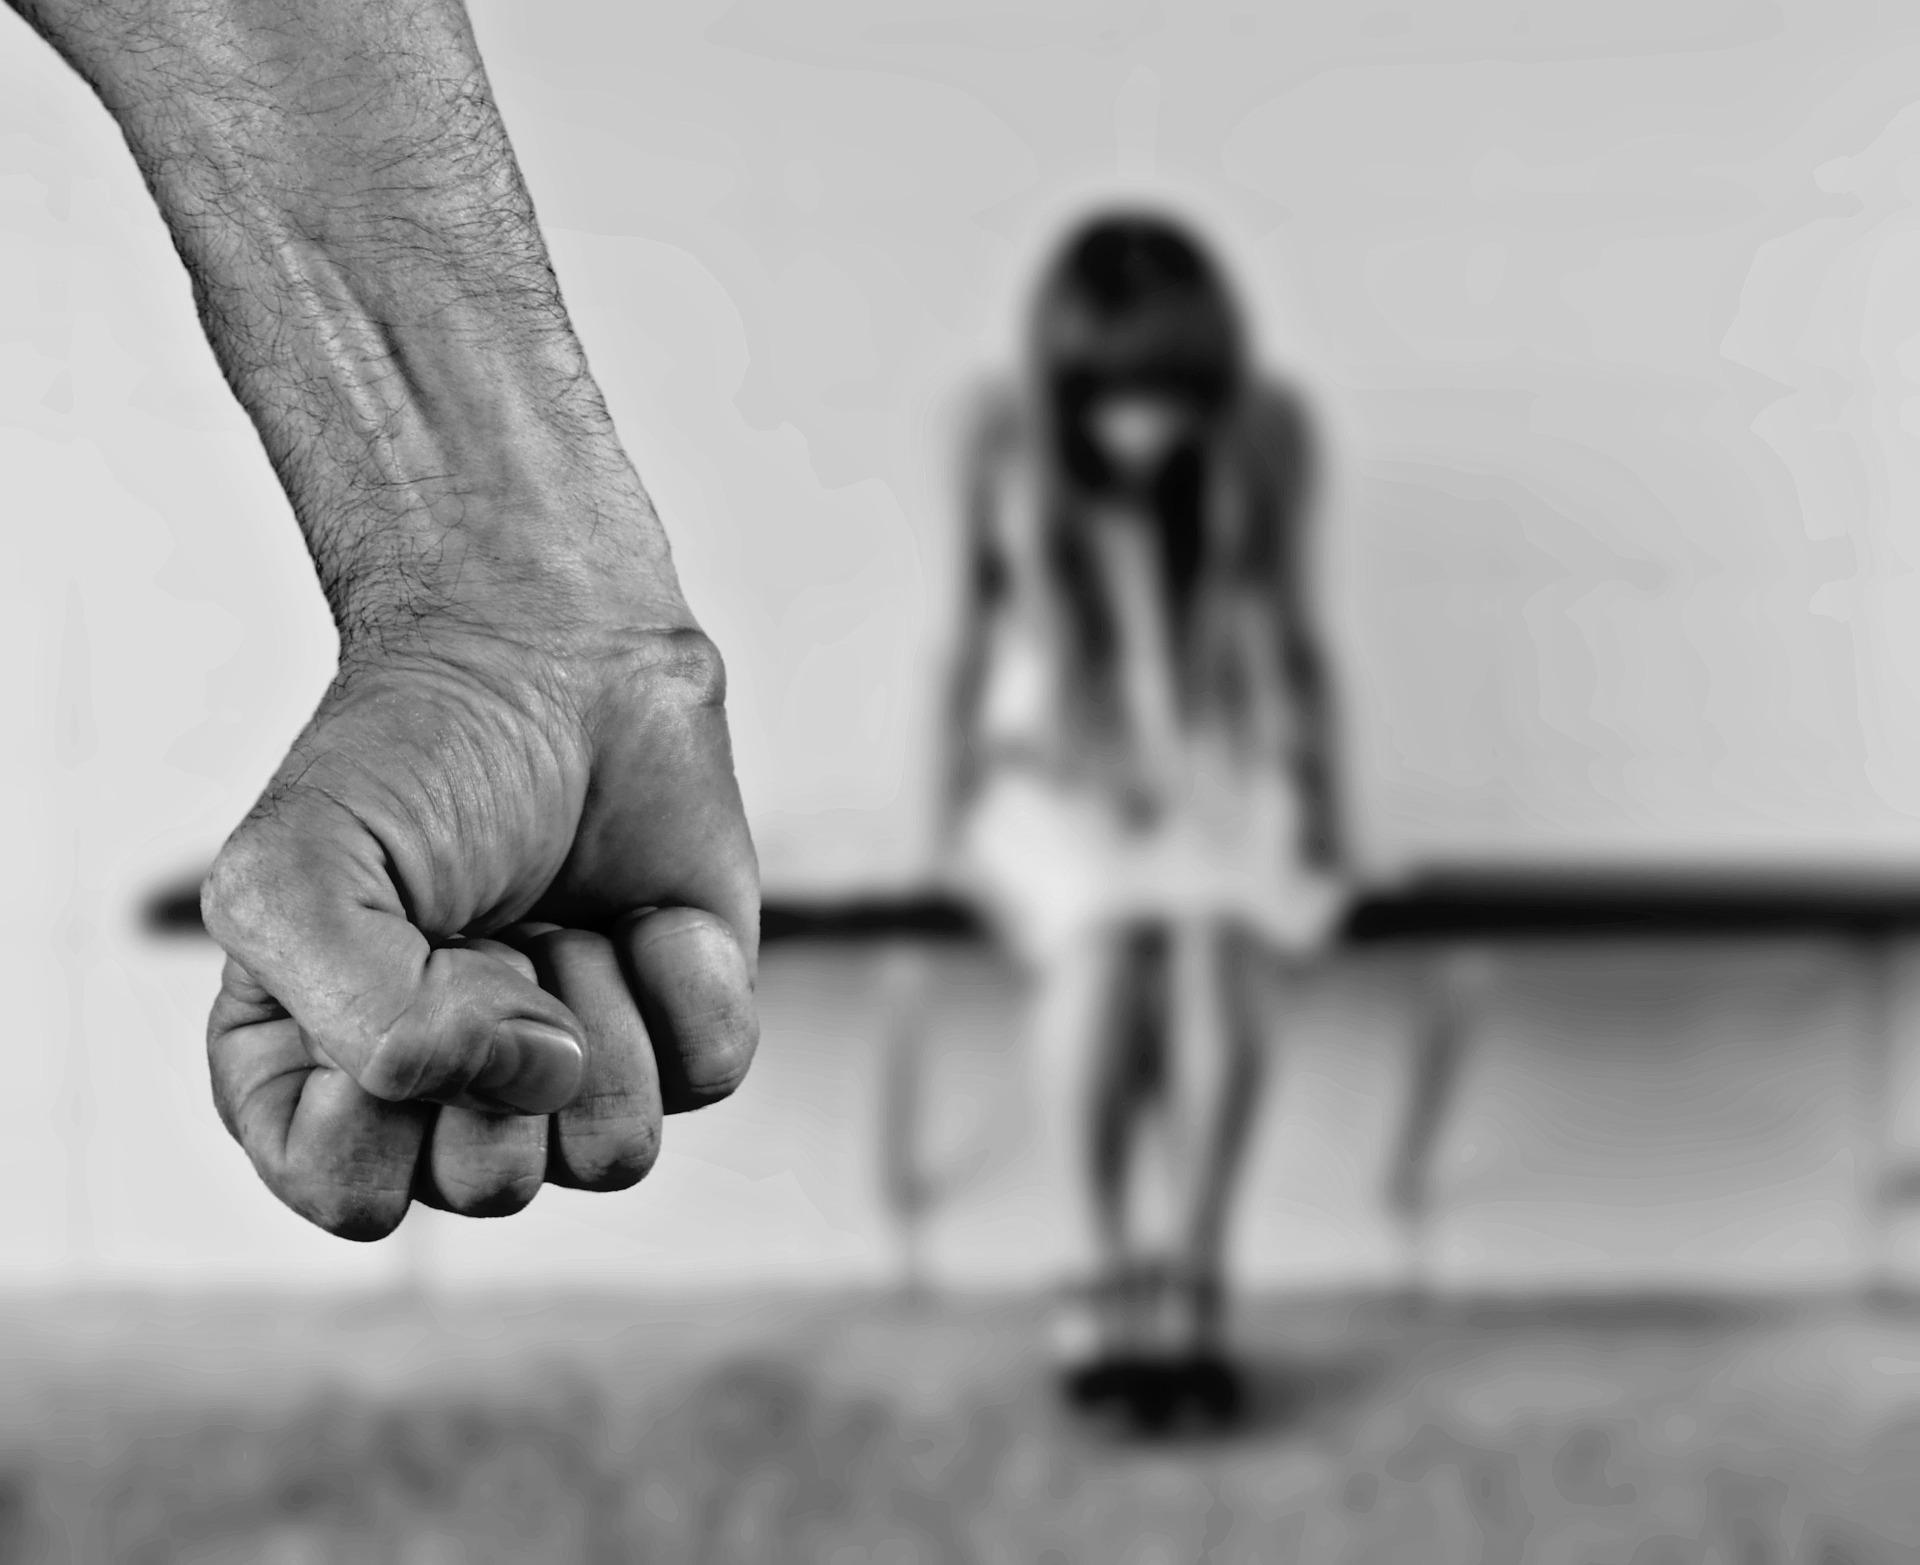 Condenado a 20 años de prisión un hombre que abusó sexualmente durante cinco años de su sobrina